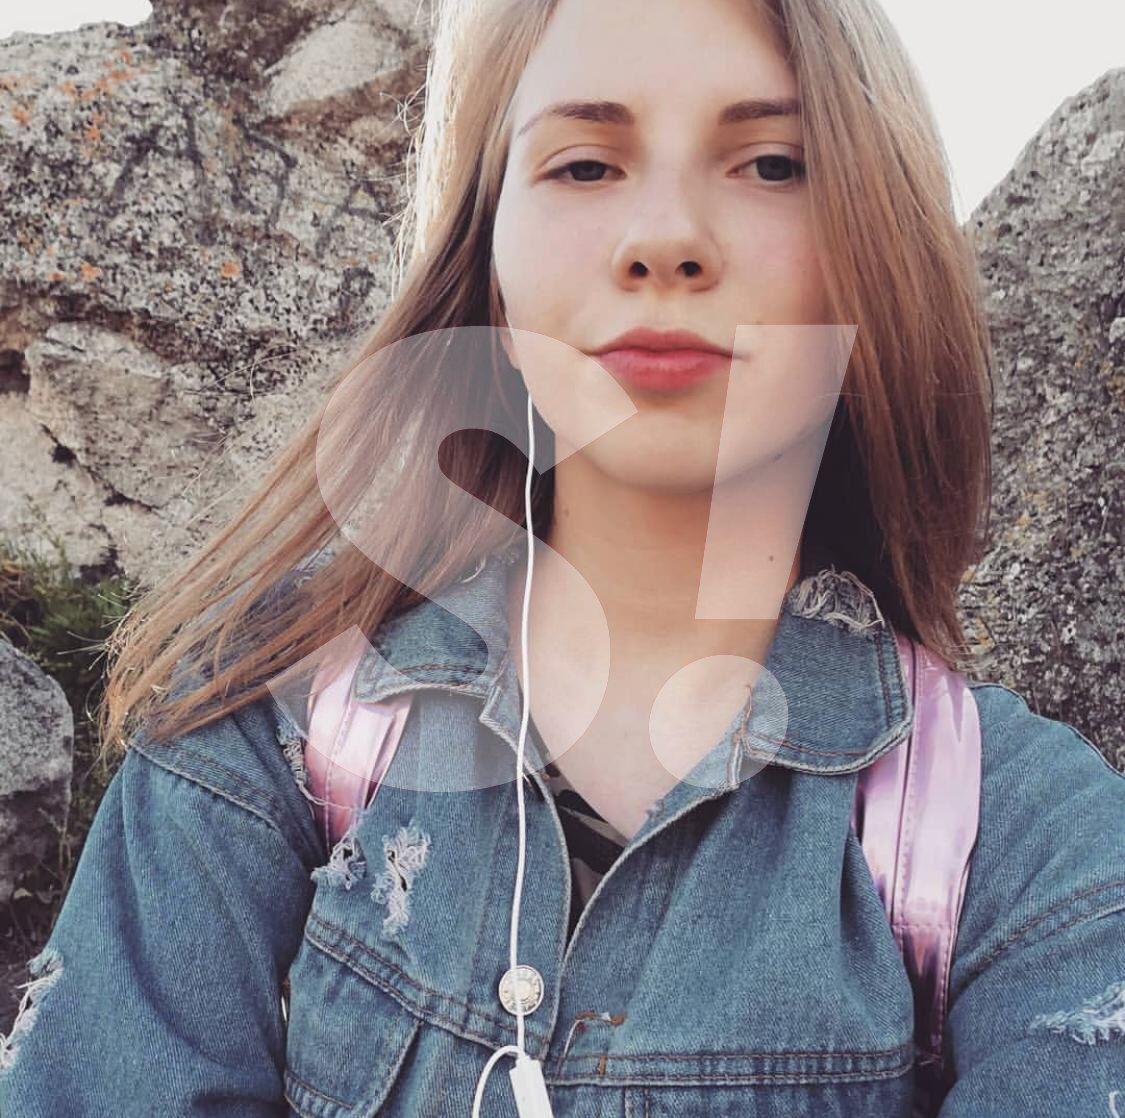 Владислава Самойленко — девушка, которой керченский террорист посвящал романтические посты в ВК